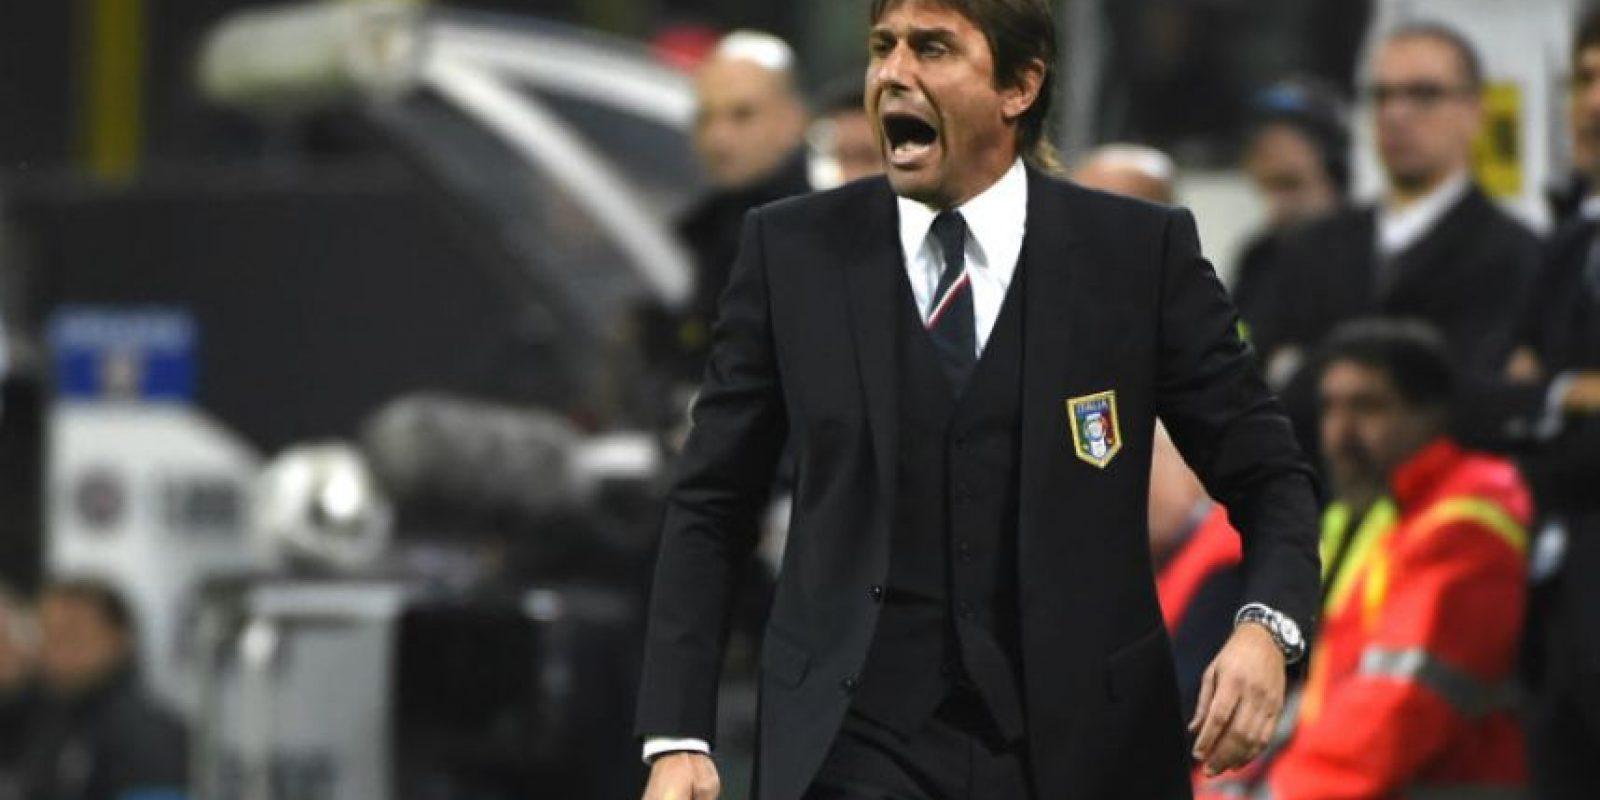 El entrenador italiano Antonio Conte se mostró inquieto durante todo el juego. Foto:AFP